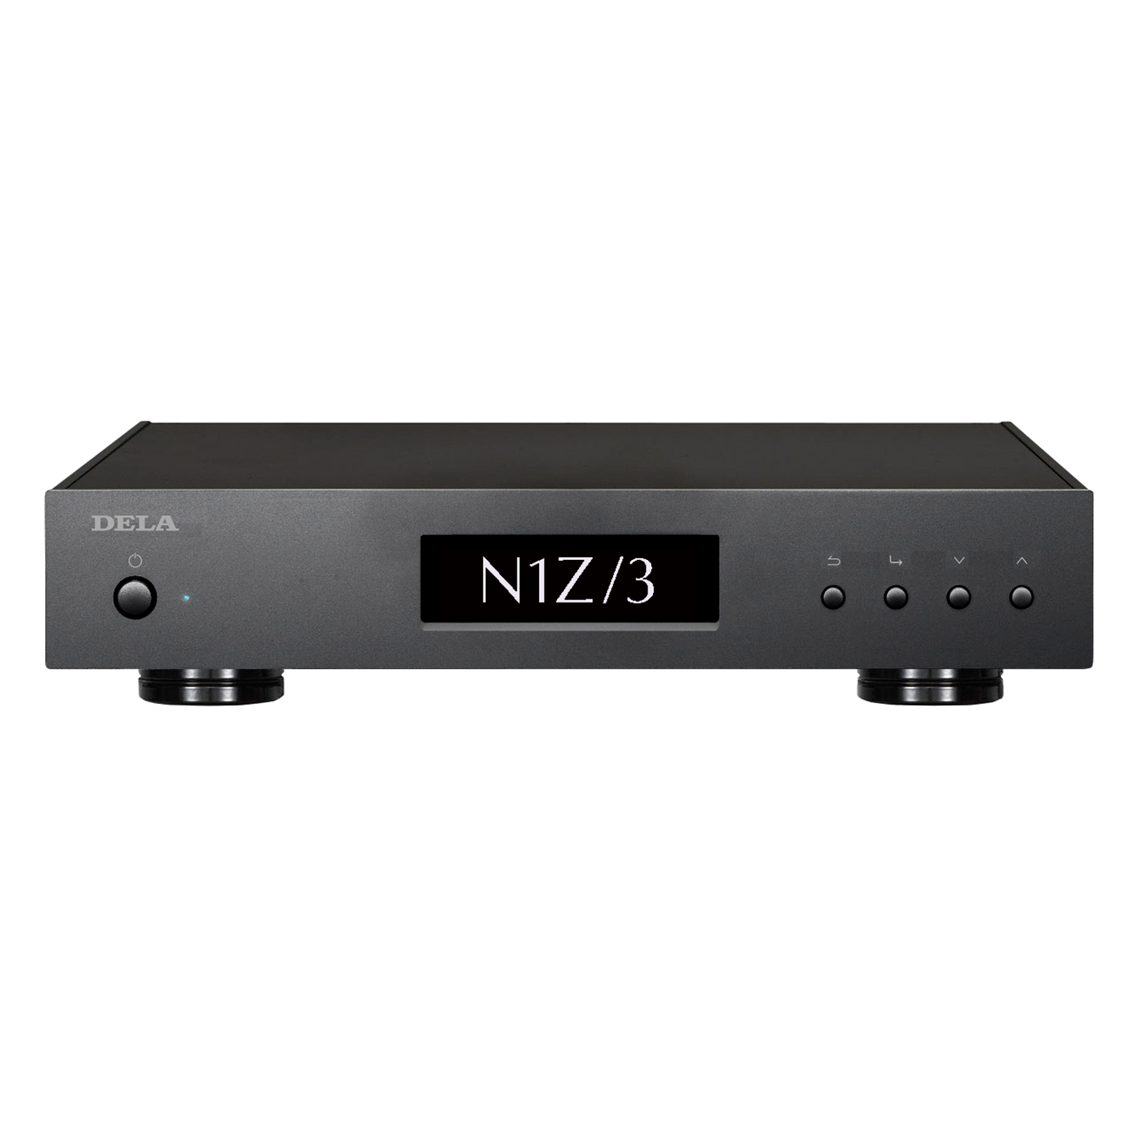 DELA N1Z/3-S20B ブラック デラ ミュージックライブラリー